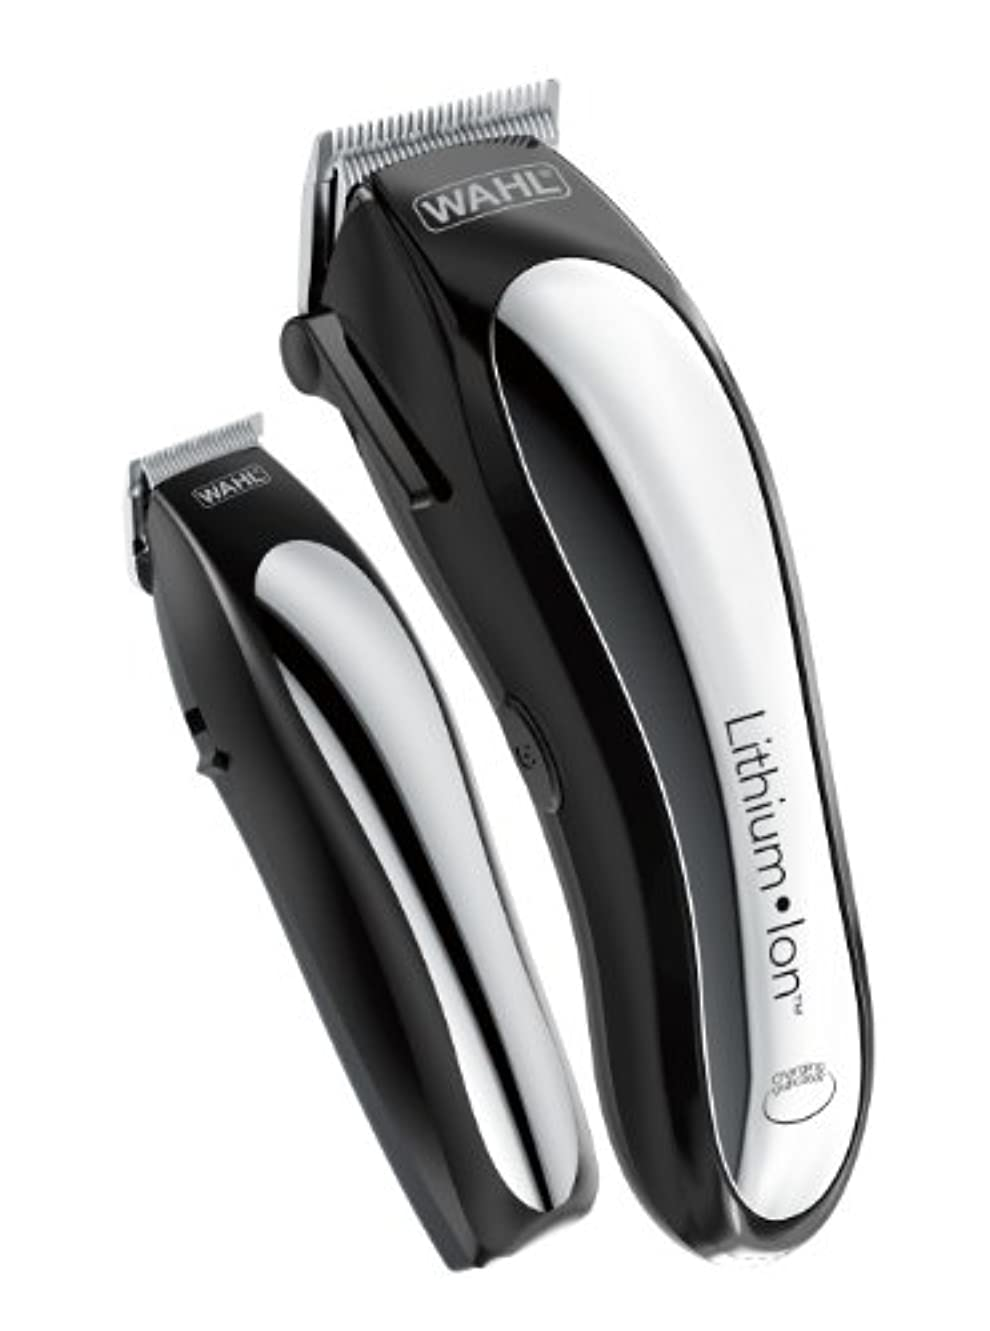 細胞天皇クラウドWahl Clipper Lithium Ion Cordless Rechargeable Hair Clippers and Trimmers for men,Hair Cutting Kit with 10 Guide...